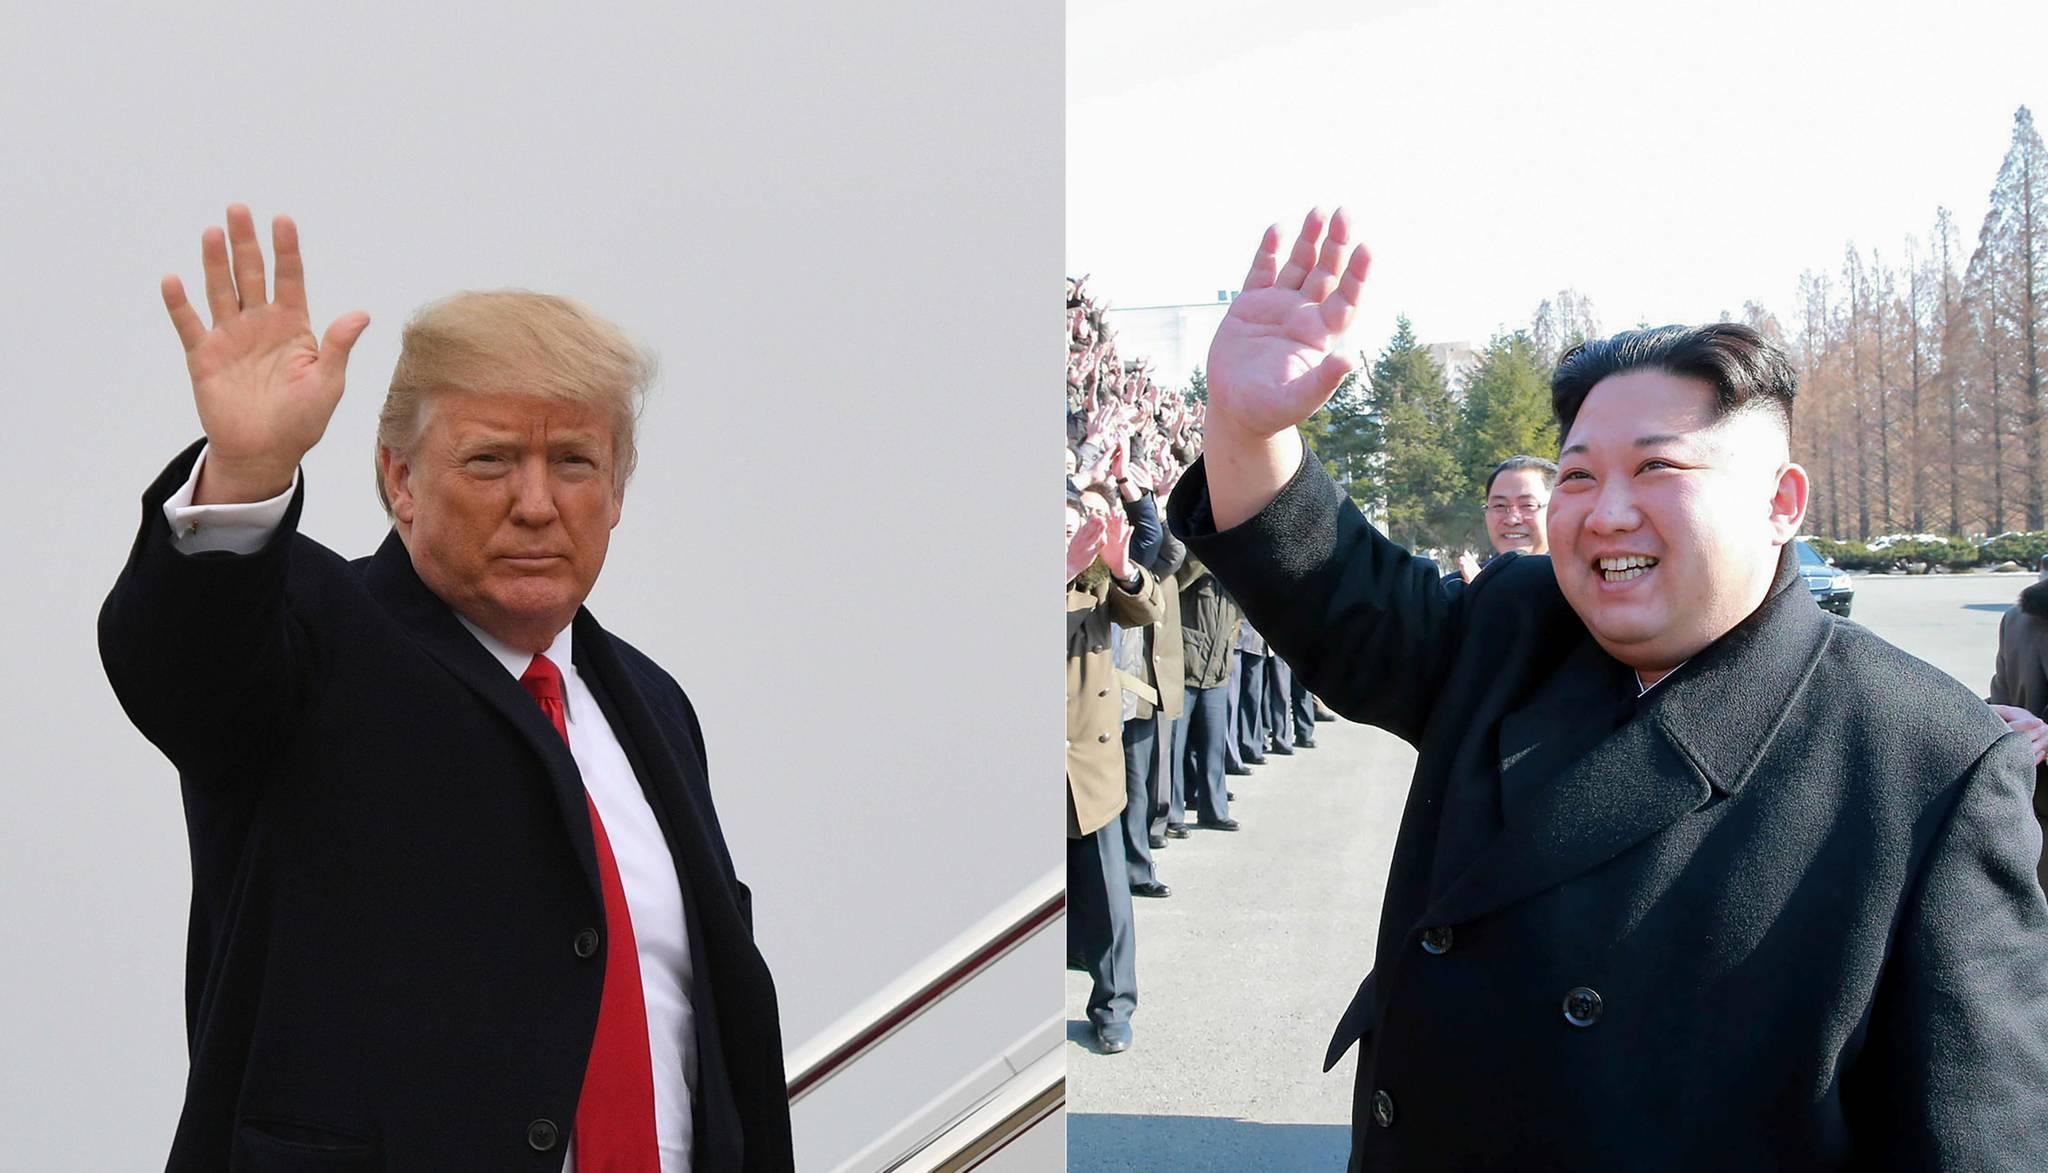 AFP가 15일 도널드 트럼프 미 대통령이 김정은과의 관계에 대한 월스트리트저널의 보도가 잘못되었다고 트위터에 올린 글을 보도하며 붙인 사진.[AFP=연합뉴스]